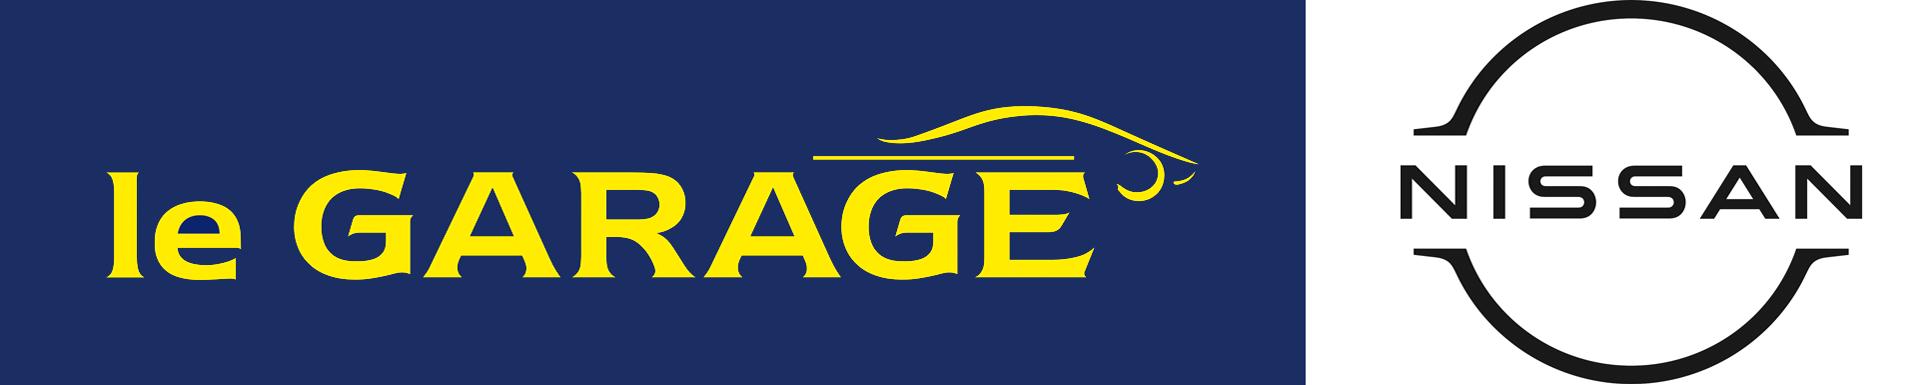 Garage Kieser GmbH,  Le Garage Partner und Nissan Händler in und um Neuenhof